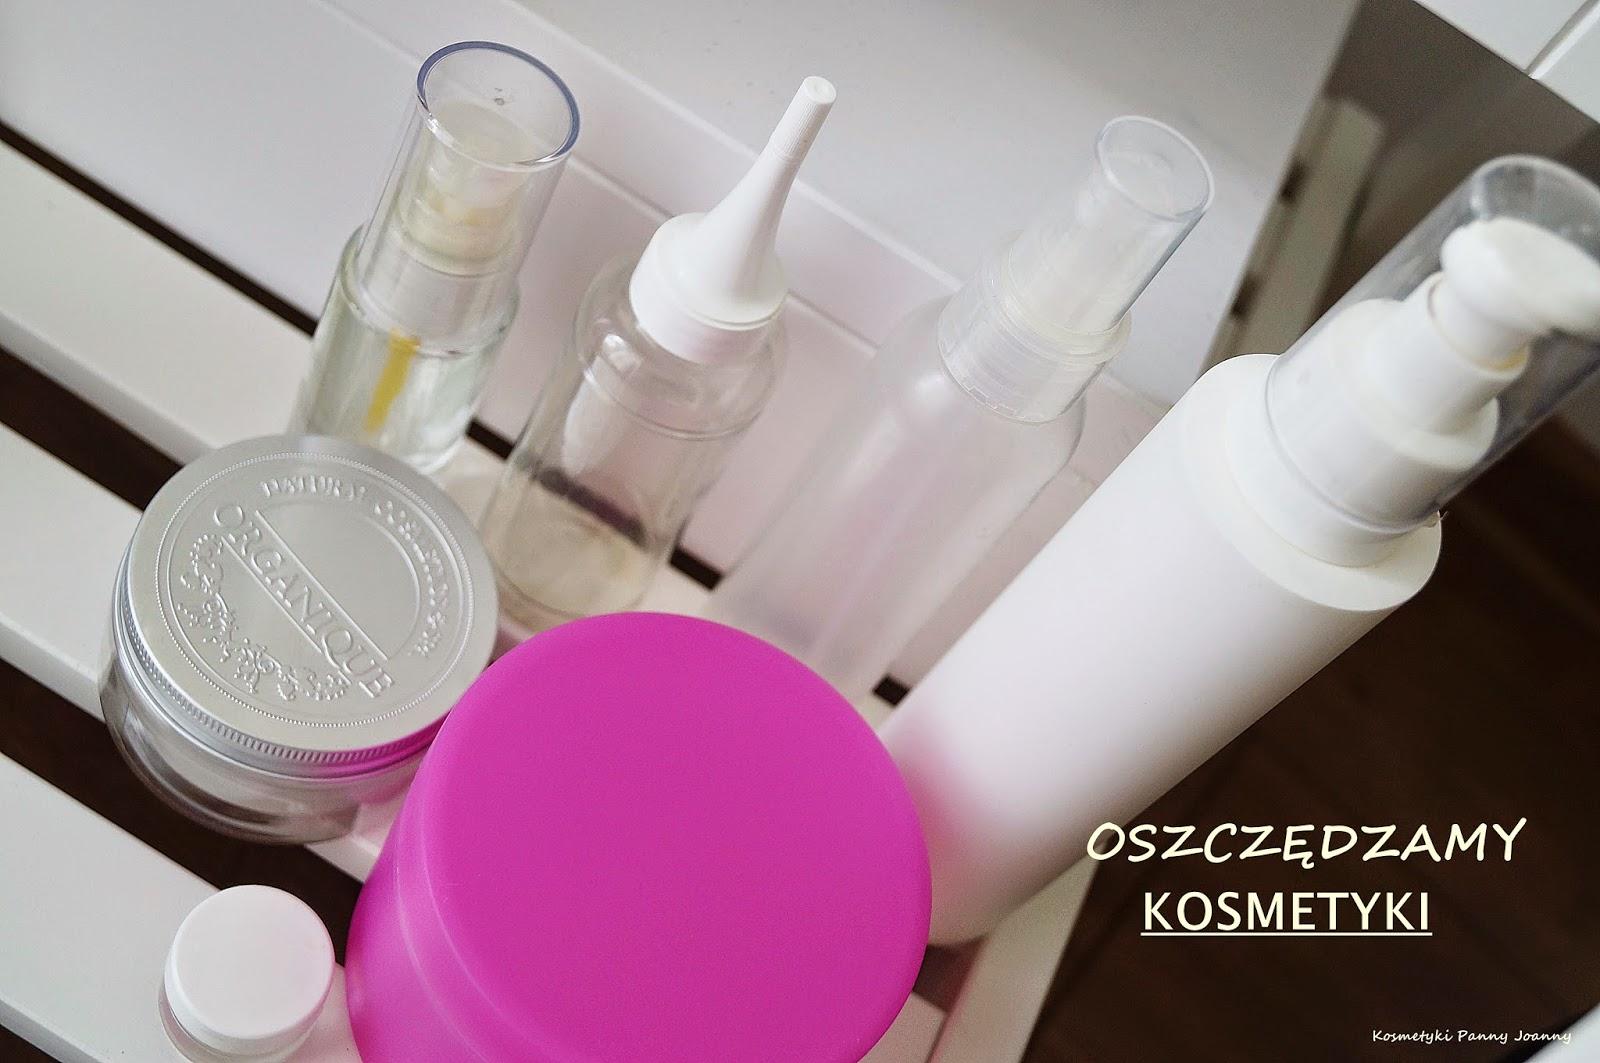 Oszczędzamy kosmetyki cz. I - pielęgnacja